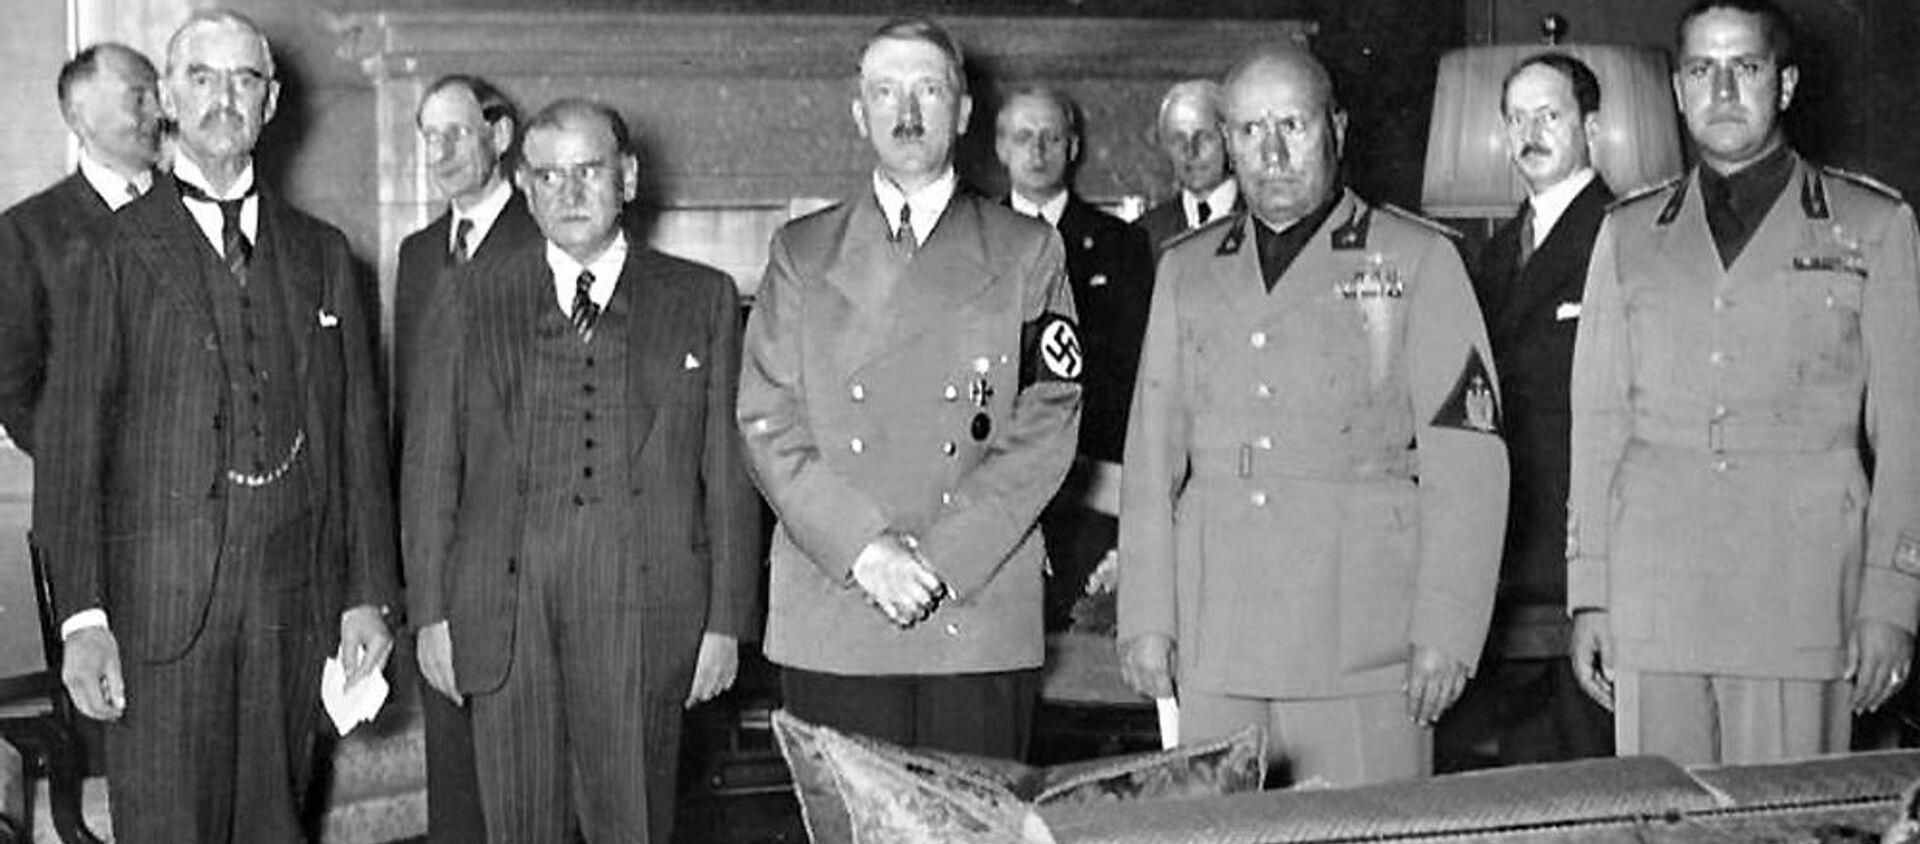 Fotografie z průběhu Mnichovských jednání – zleva: Neville Chamberlain za Velkou Británii, Édouard Daladier, zástupce Francie, Adolf Hitler za nacistické Německo a Benito Mussolini za fašistickou Itálii - Sputnik Česká republika, 1920, 02.10.2020